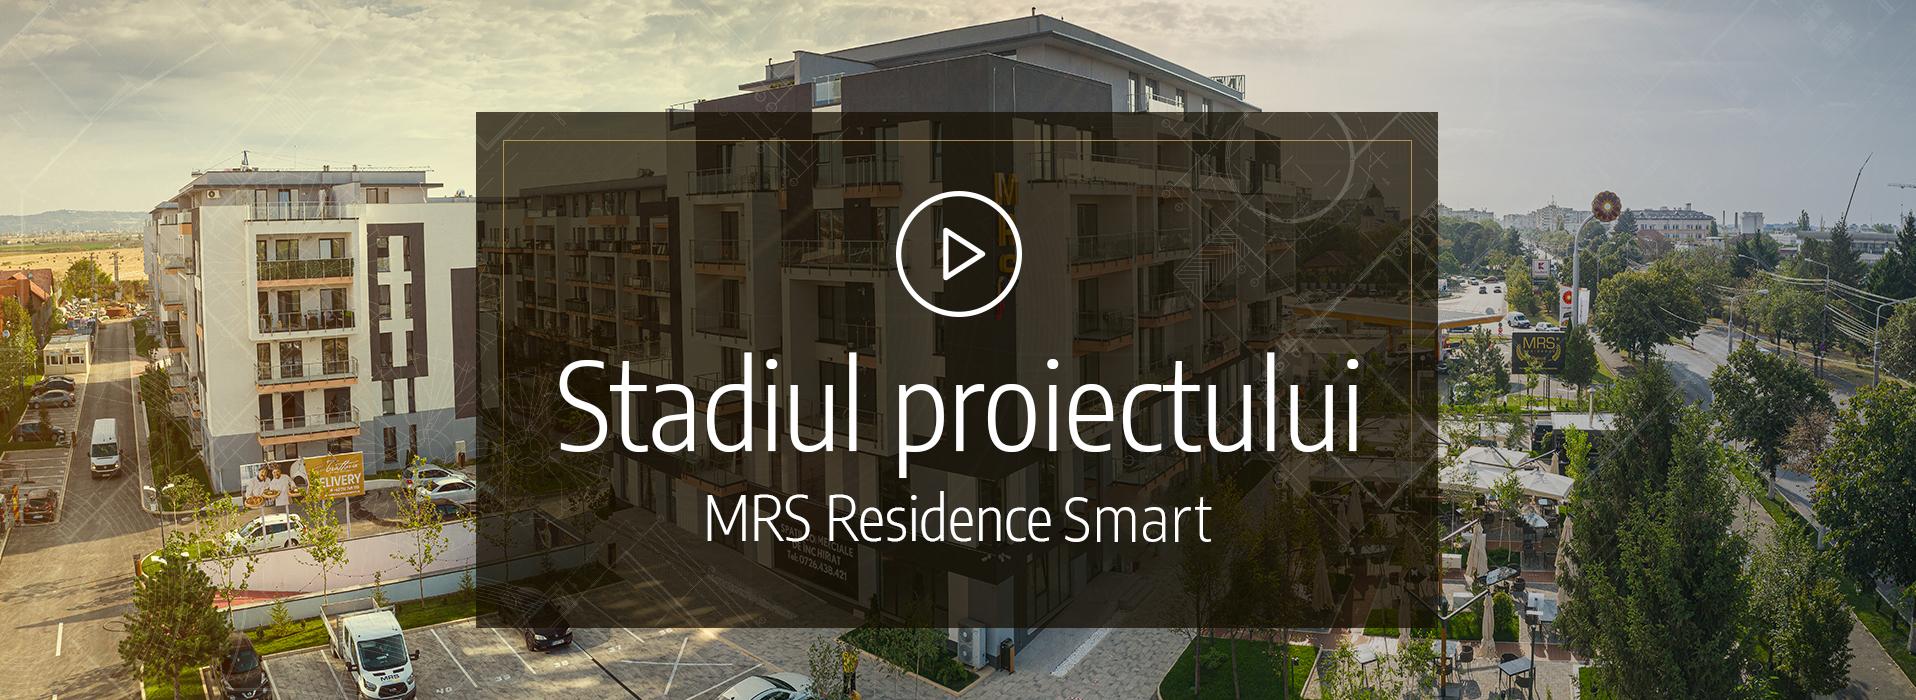 mrs-slider-smart-stadiu-proiect-desktop